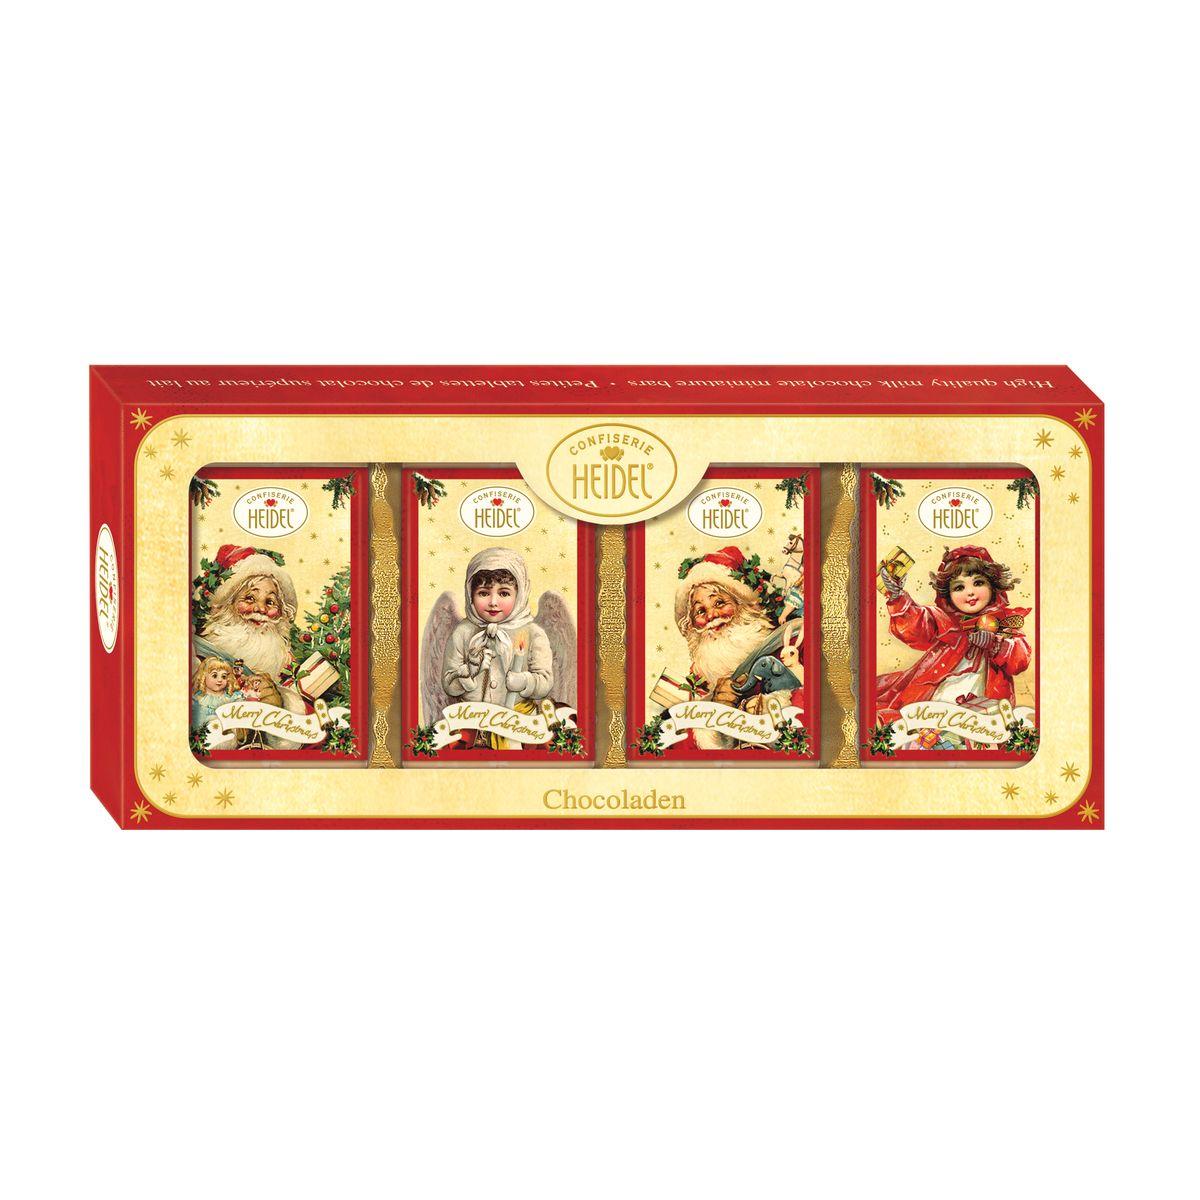 BOITE CHOCOLAT NOSTALGIE - HEIDEL